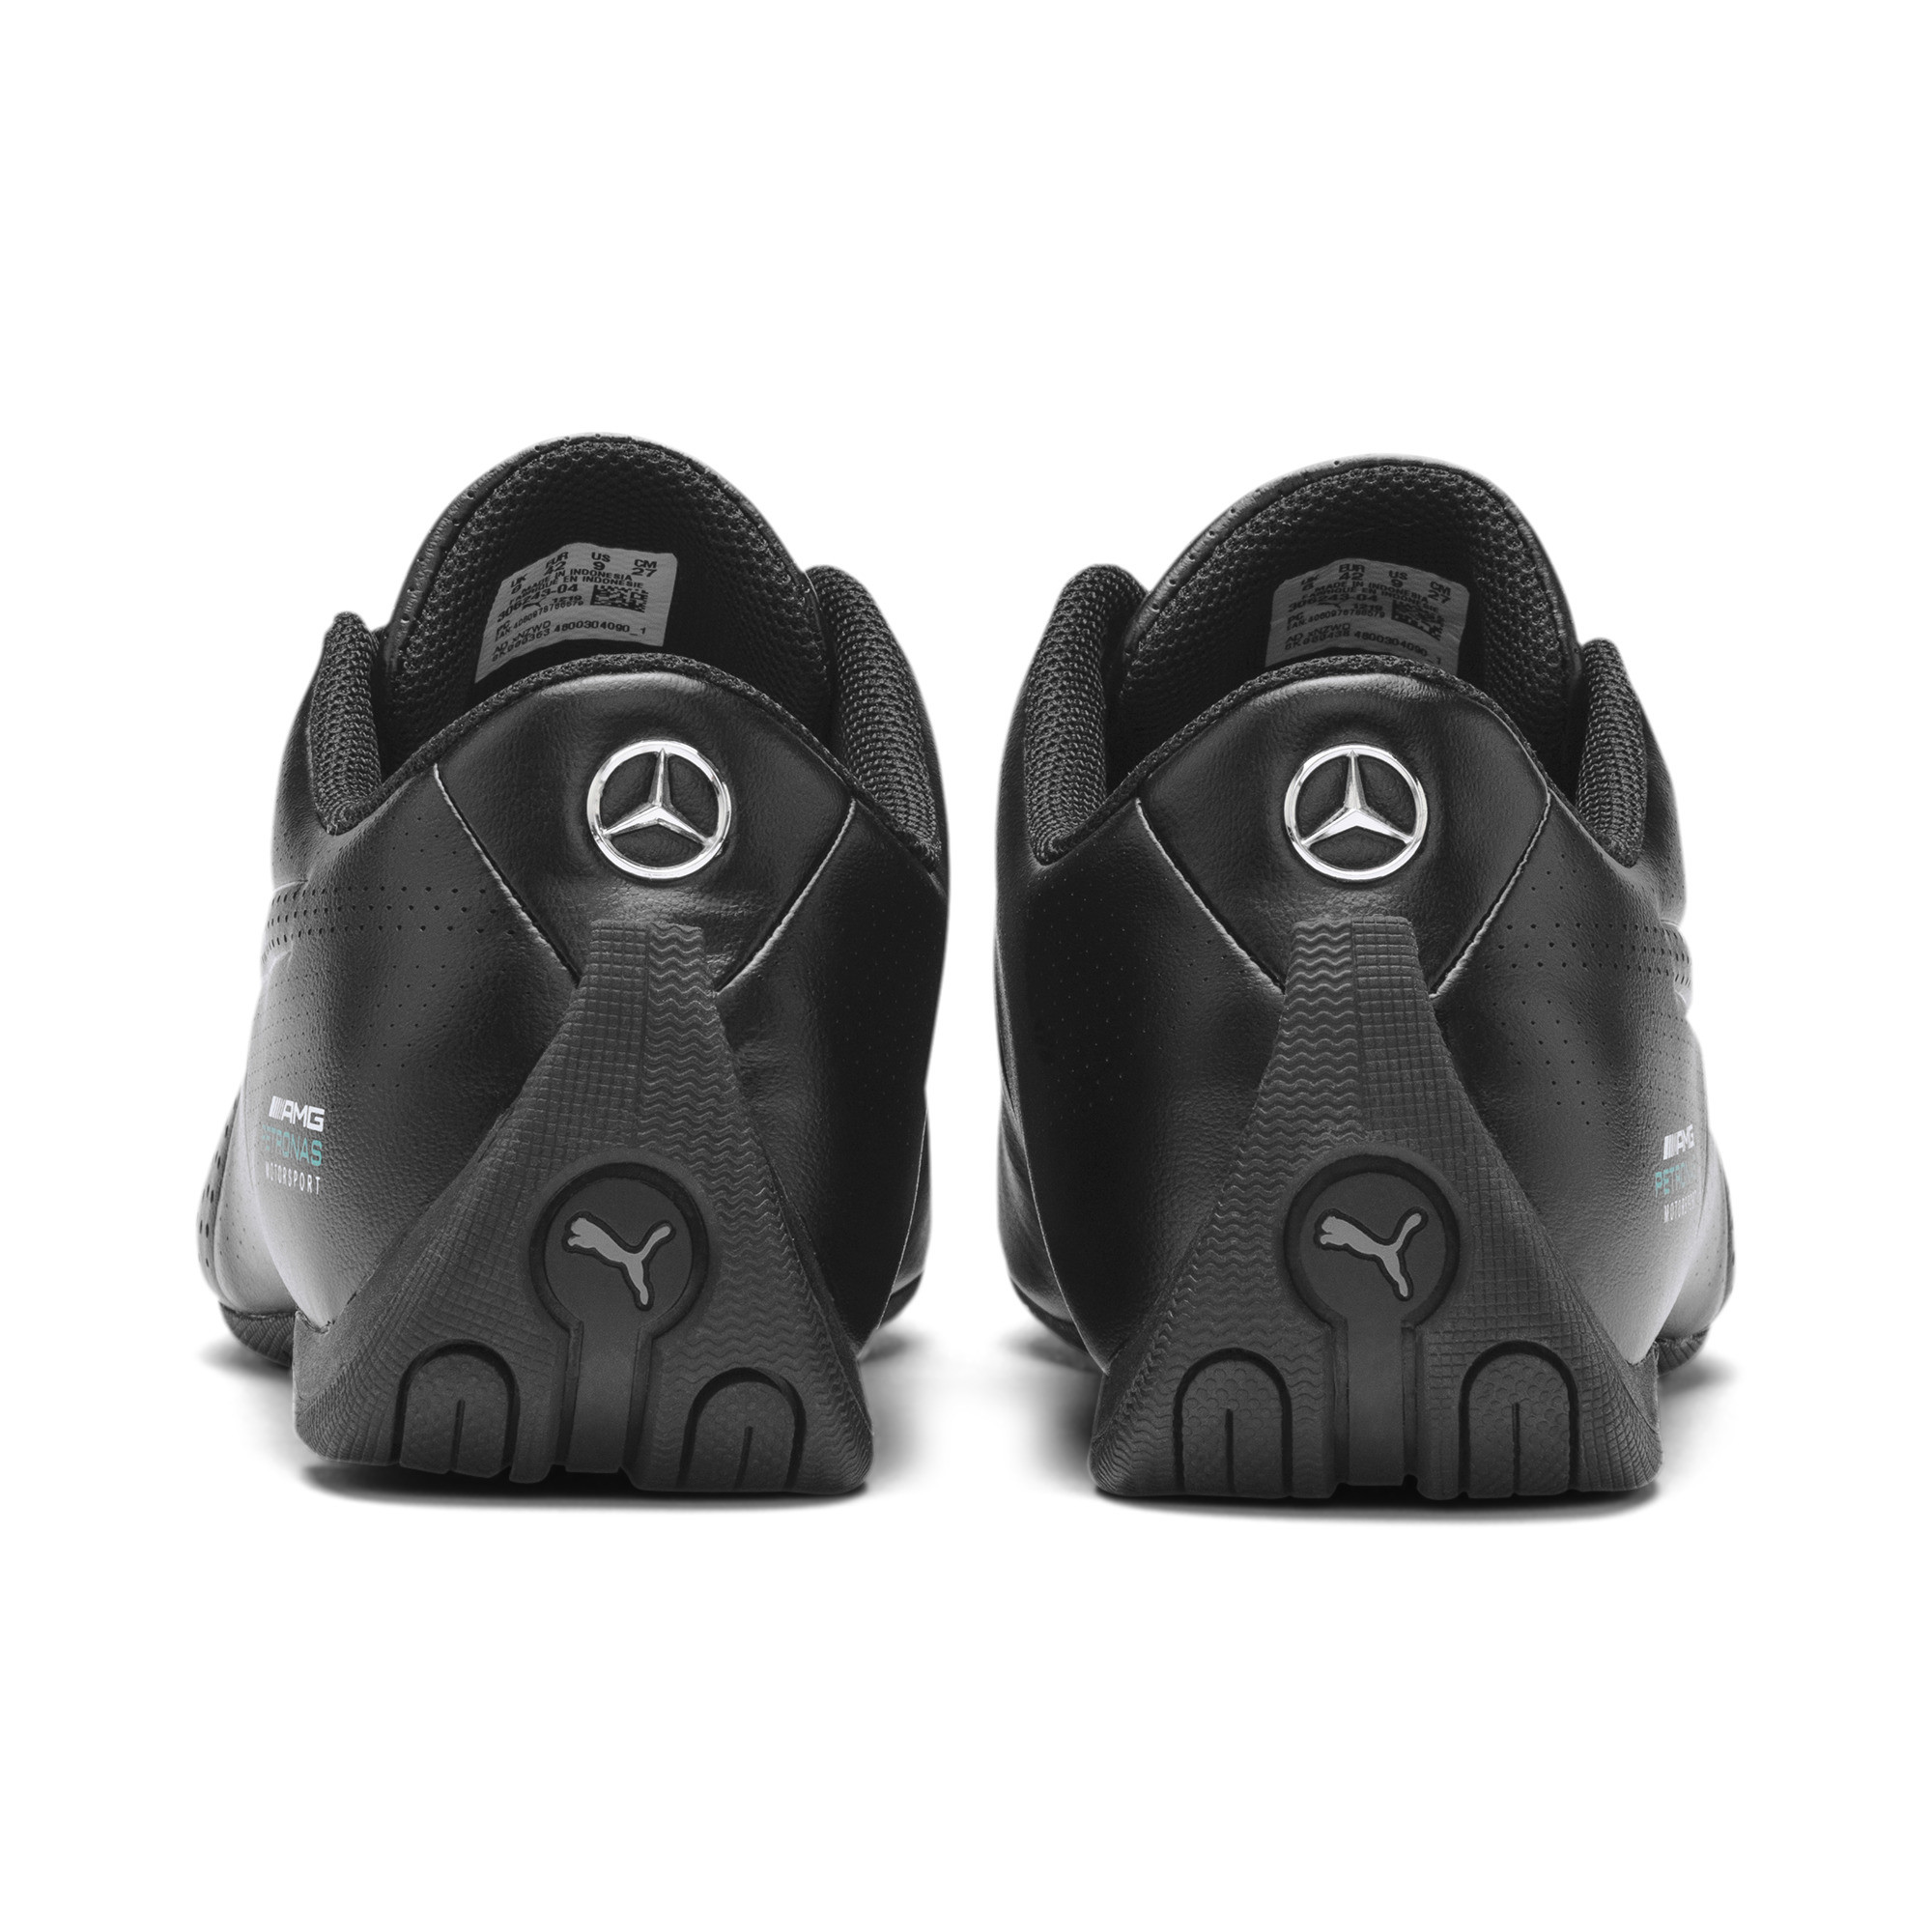 Indexbild 8 - PUMA MERCEDES AMG PETRONAS Future Cat Ultra Sneaker Unisex Schuhe Neu